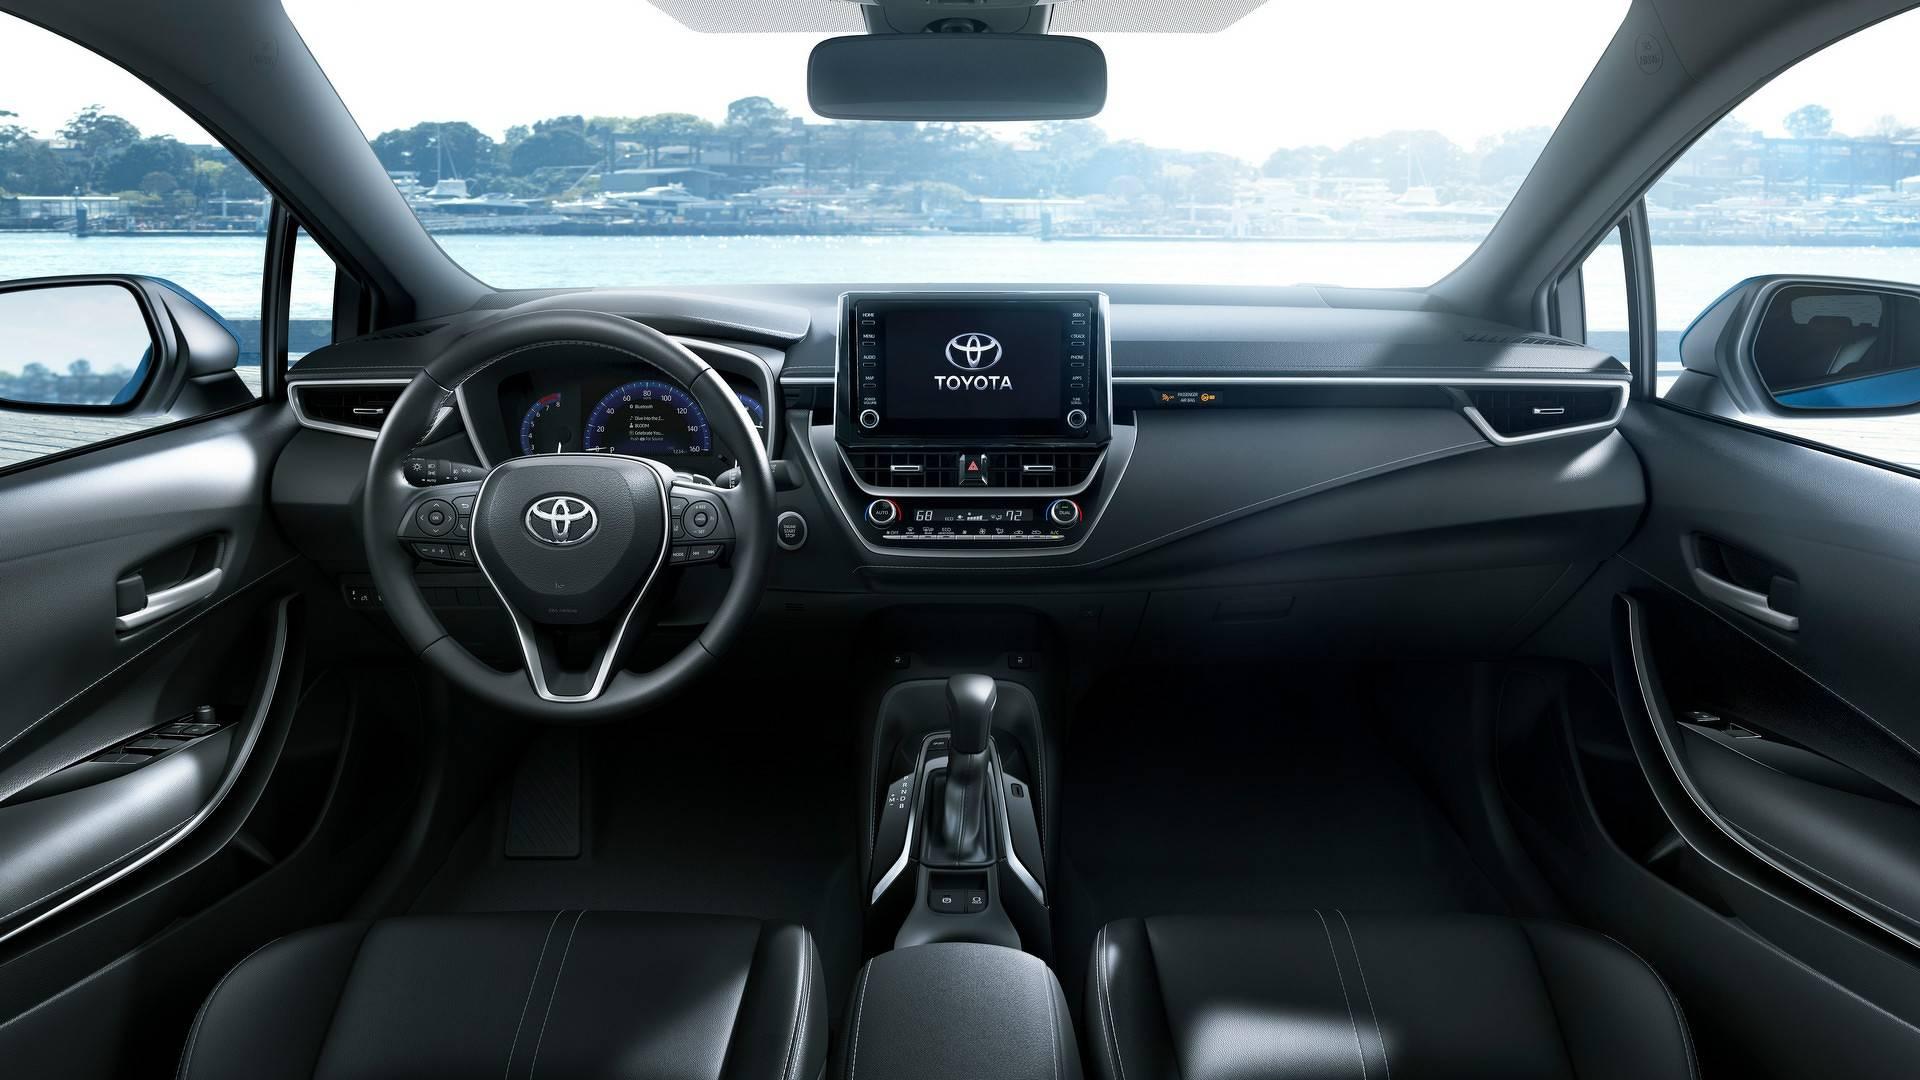 تویوتا کرولا 2019 هاچ بک - اجاره خودرو - اجاره ماشین